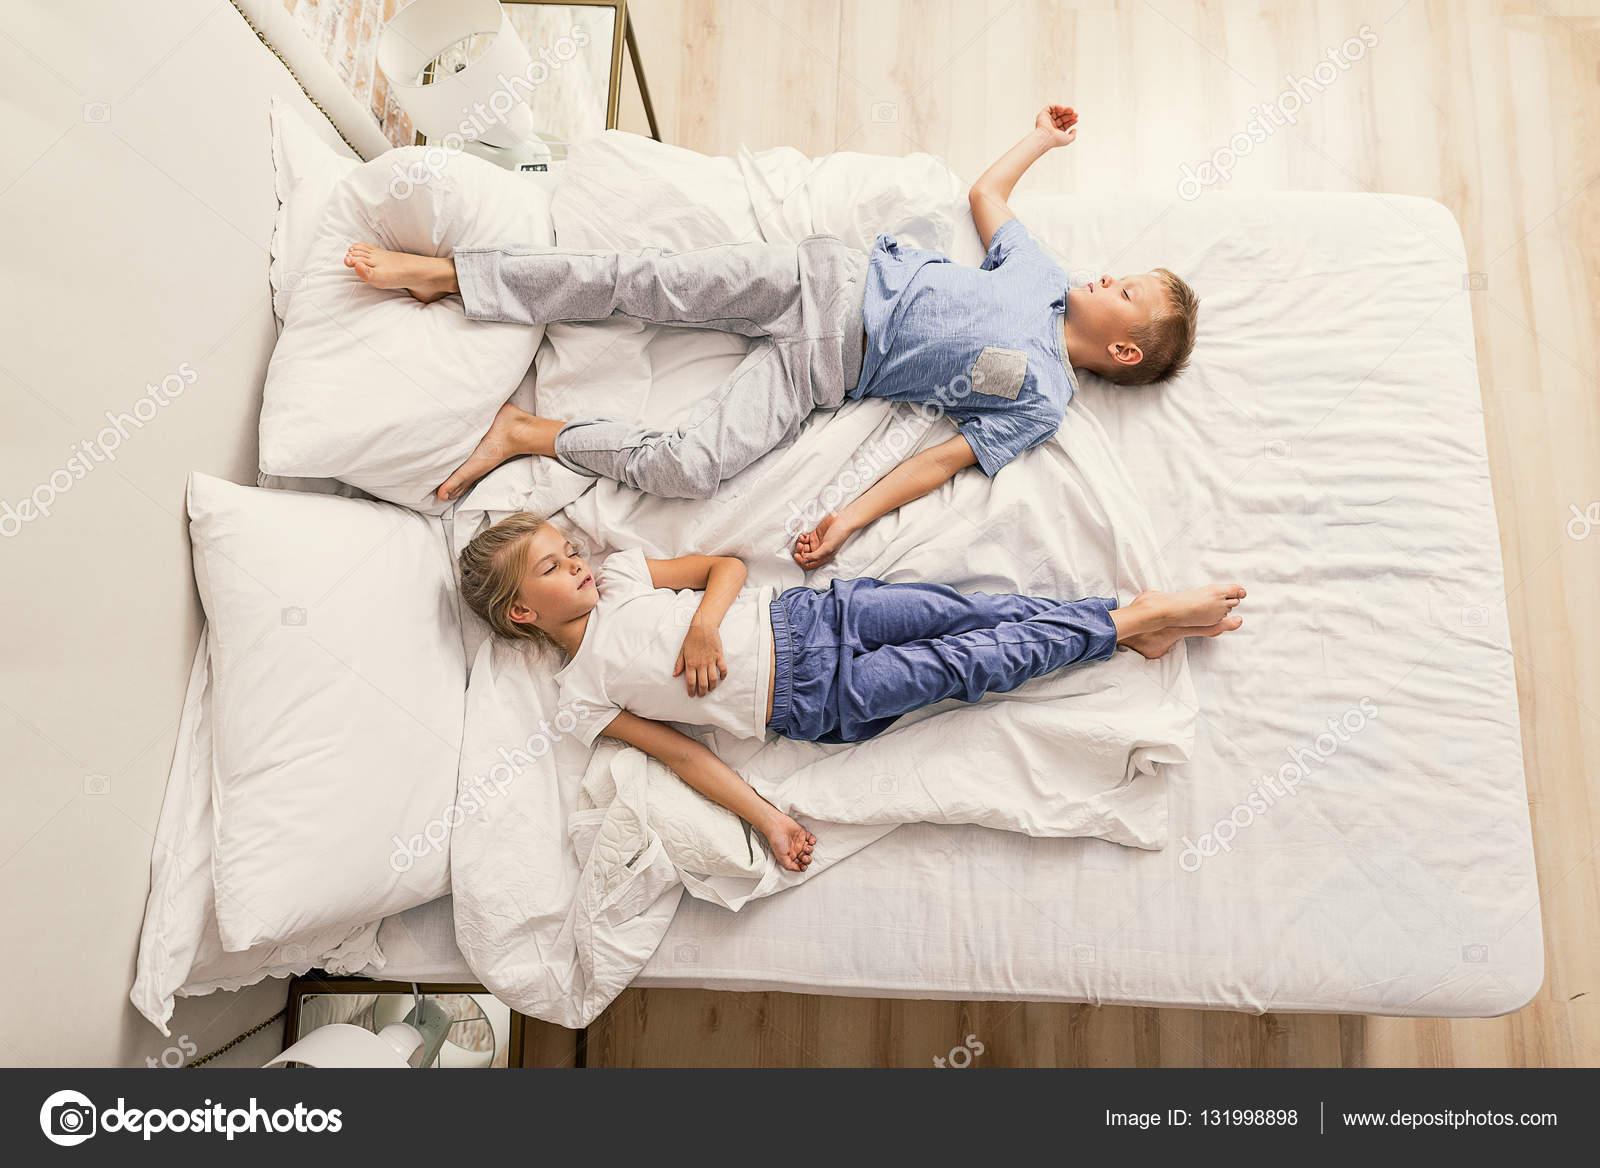 сестра с братом спят вместе